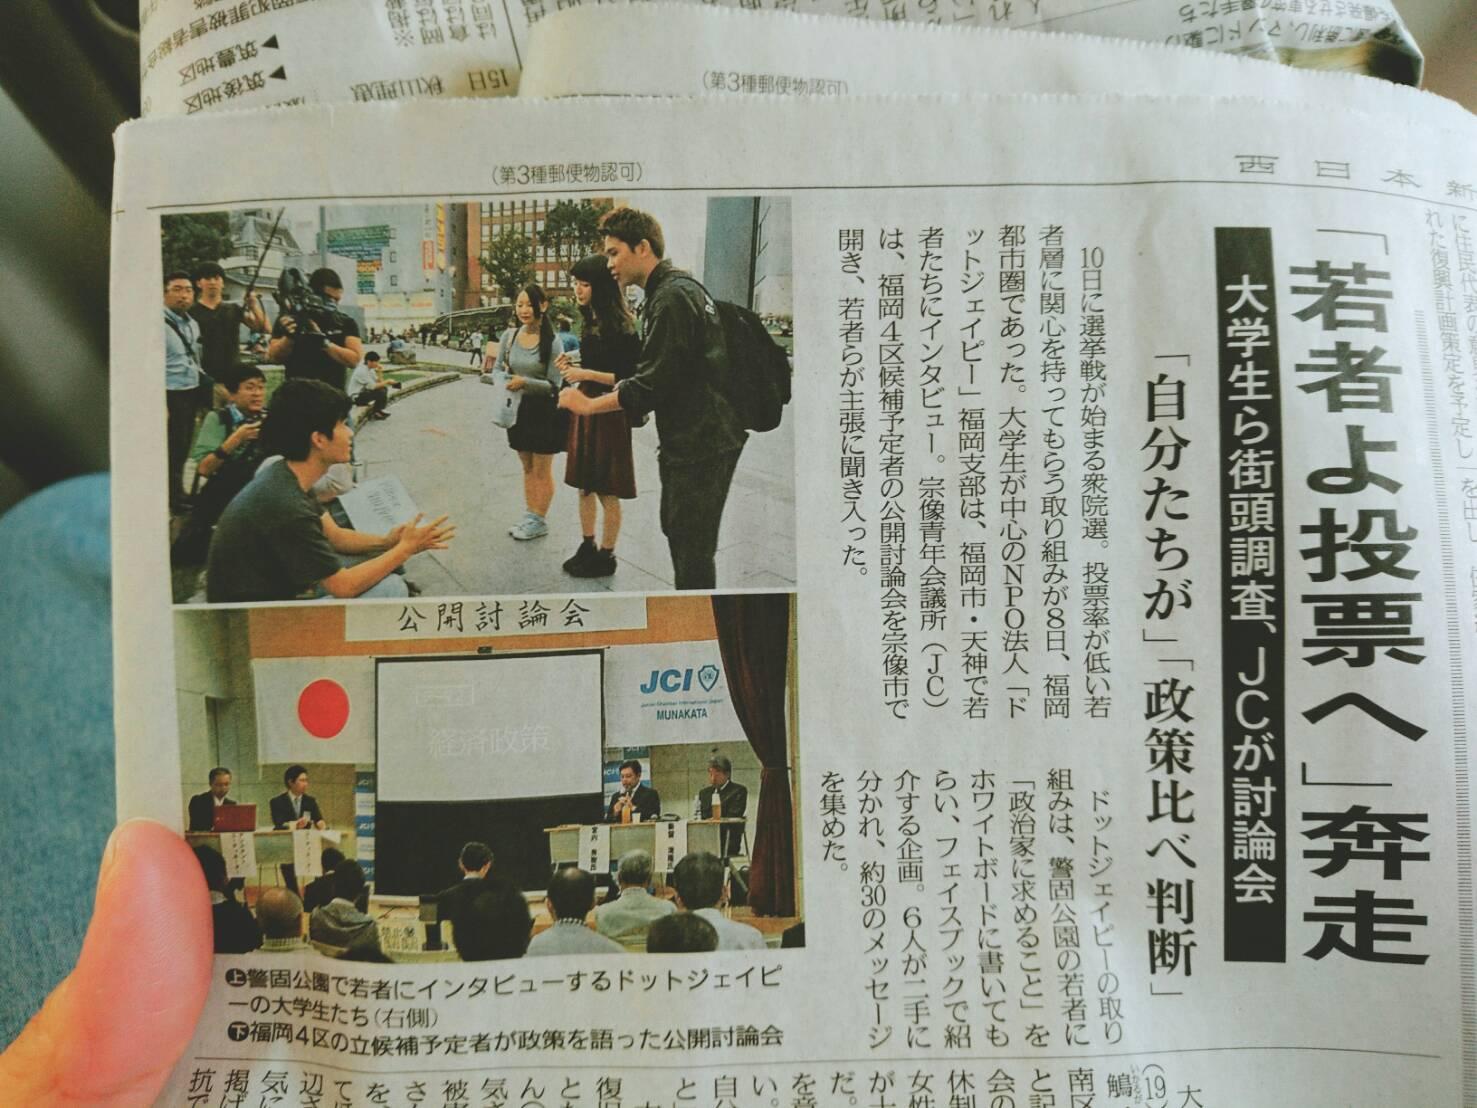 171018【福岡】西日本新聞